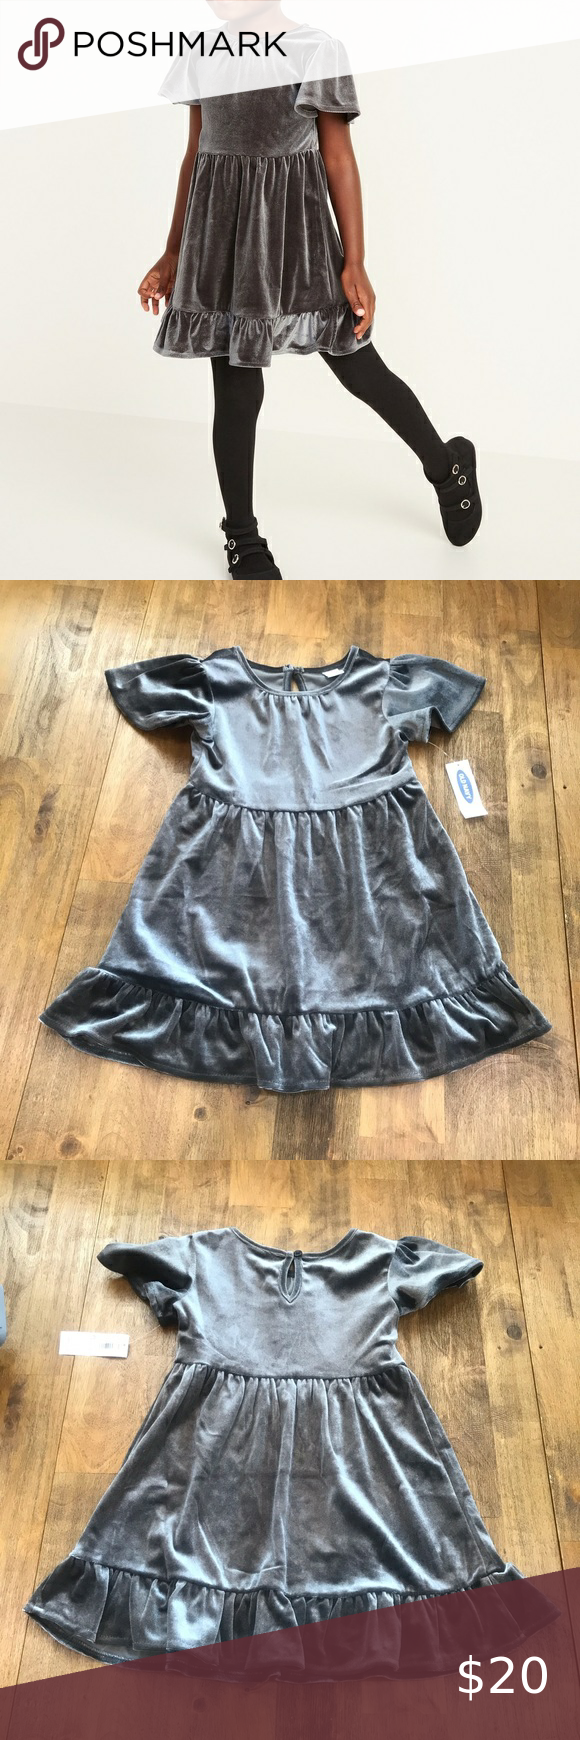 Velvet Fit Flare Dress For Toddler Girls Grey 2t Toddler Girl Dresses Toddler Dress Fit Flare Dress [ 1740 x 580 Pixel ]